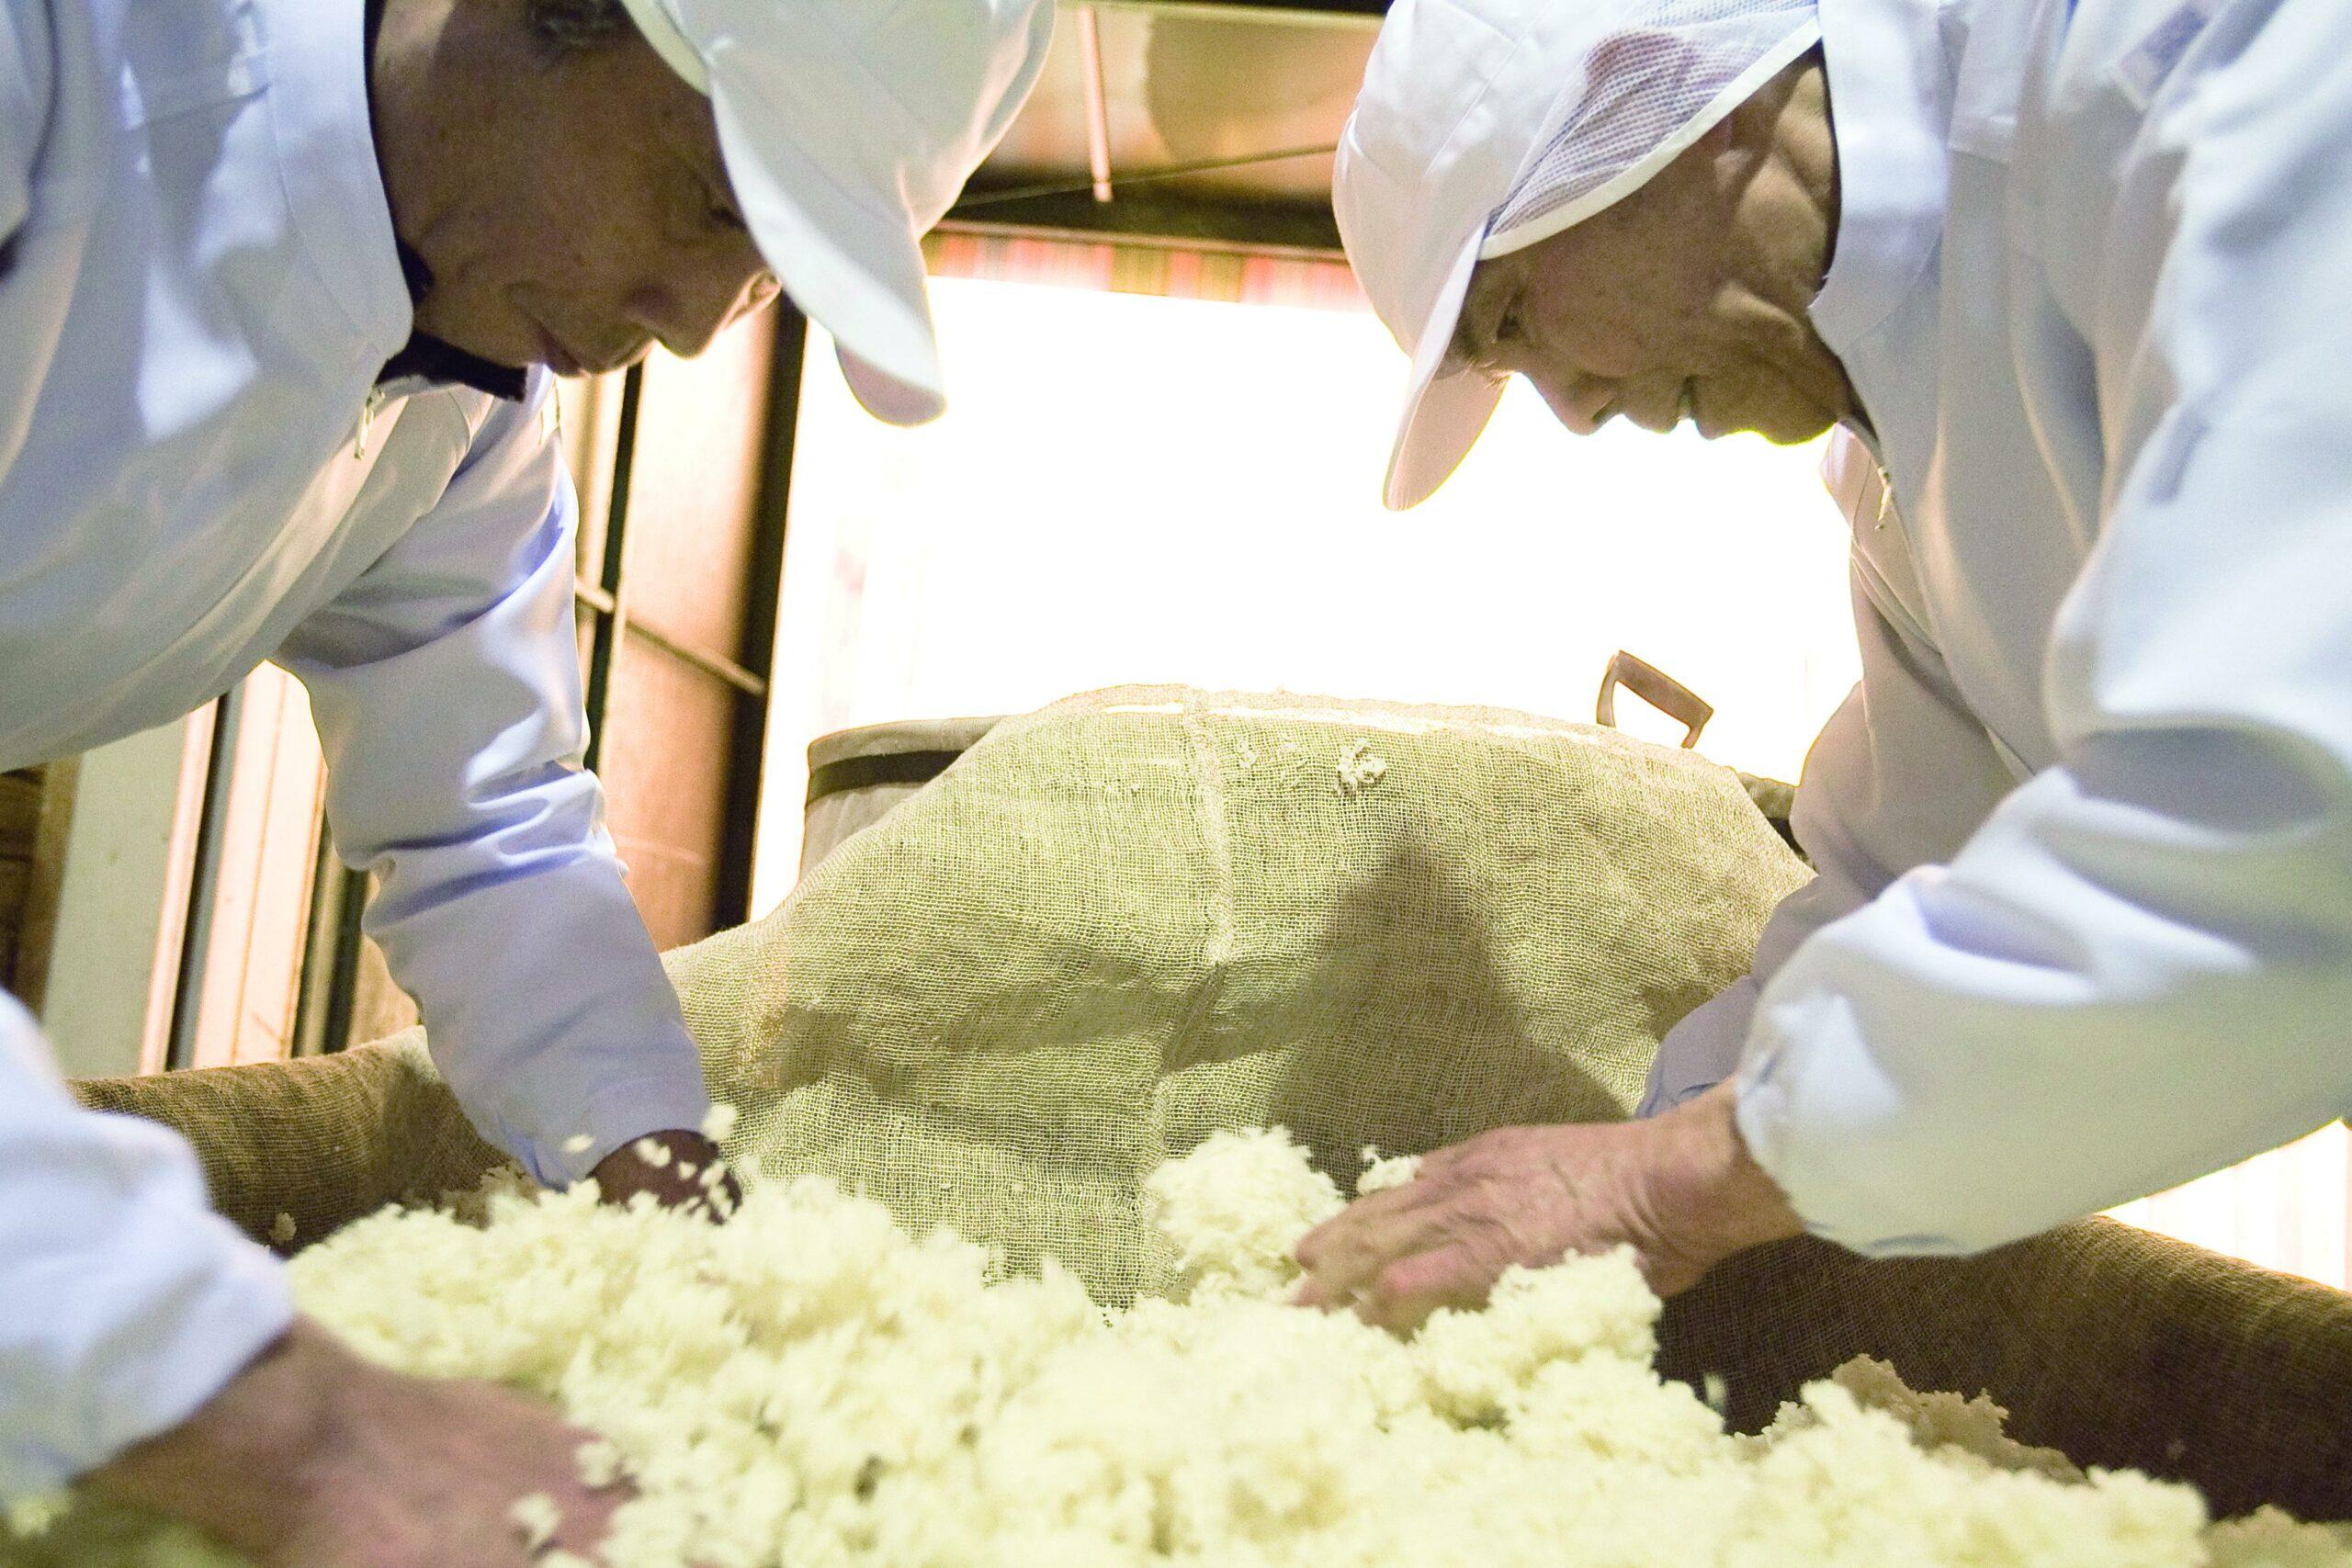 センナリ(株)食酢お好みソース製造工程の見学(広島市)